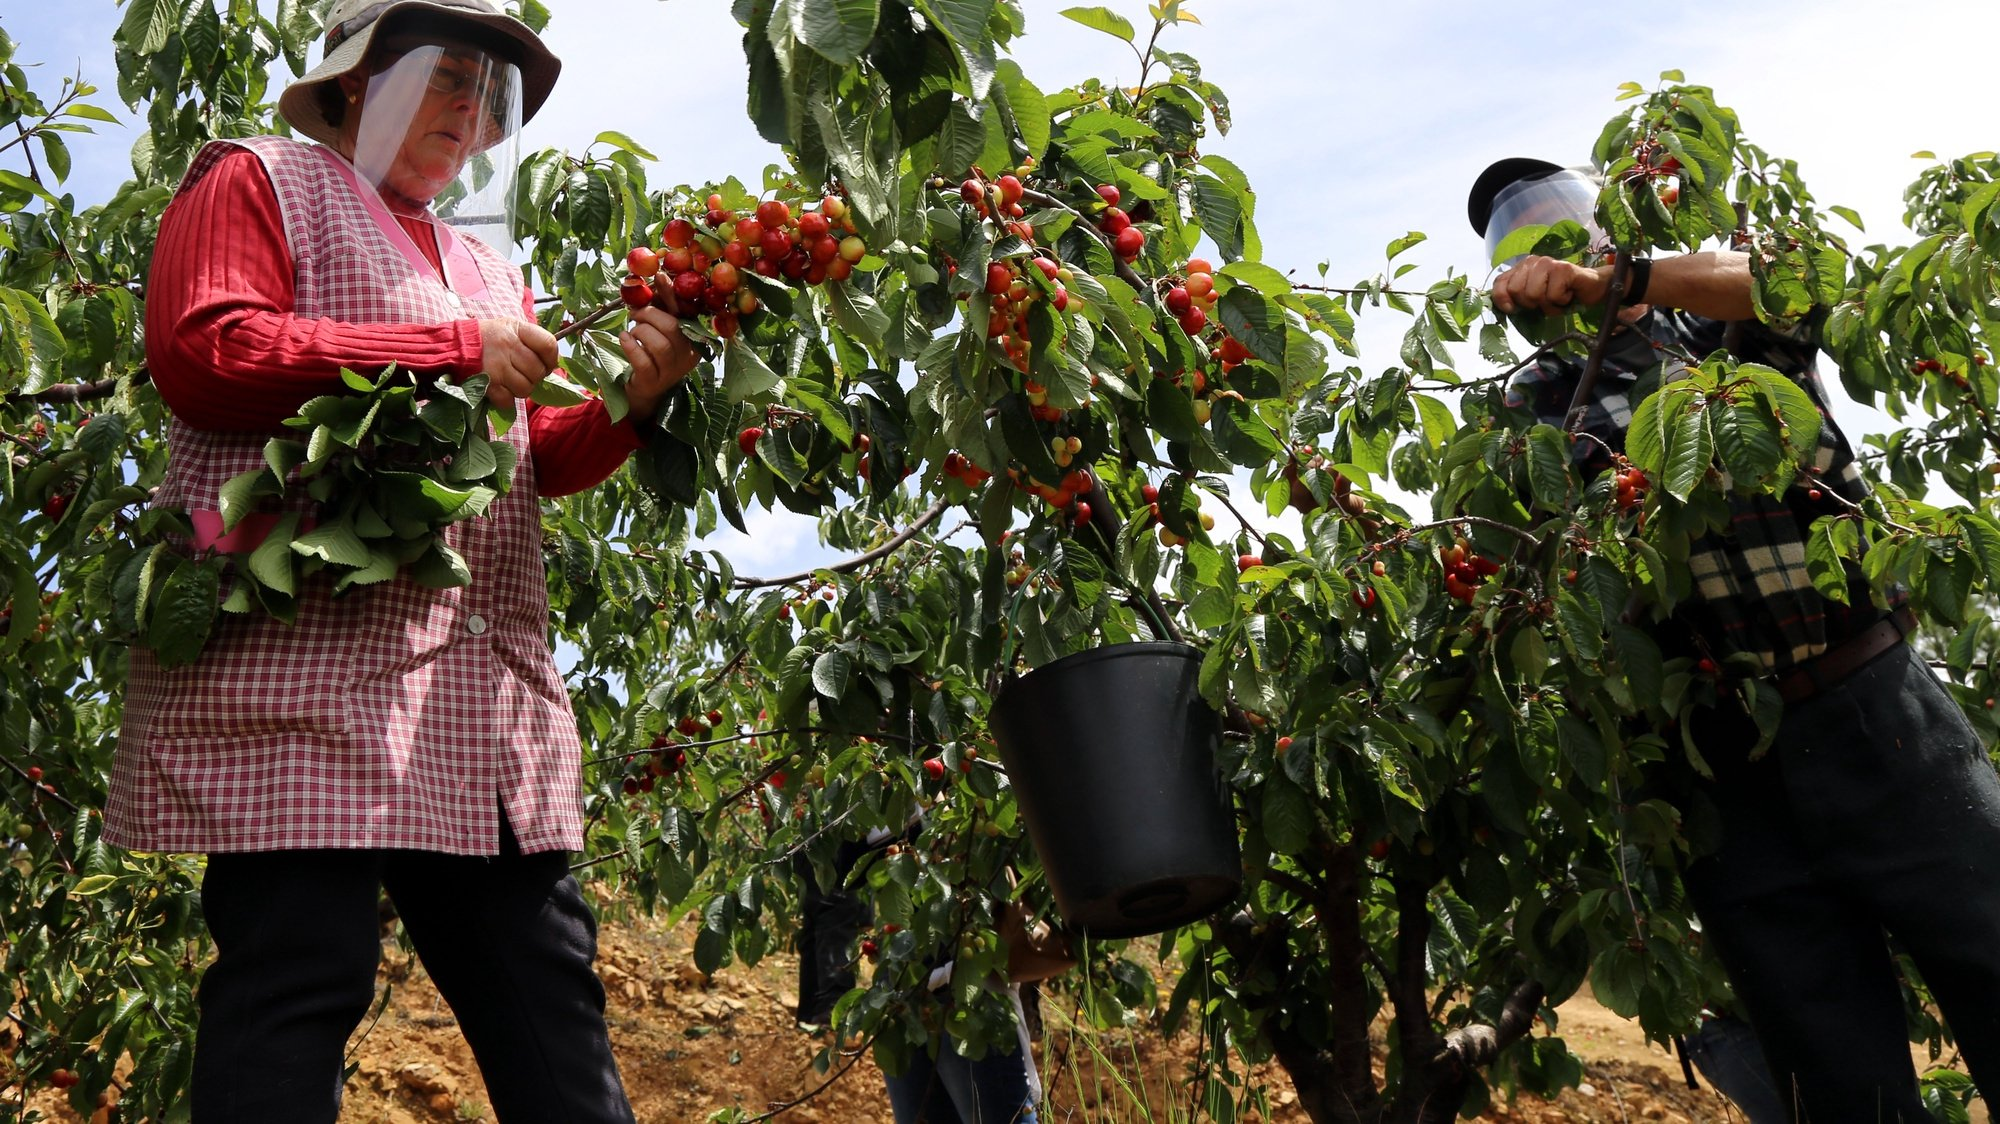 Trabalhadores da apanha da cereja utilizam máscaras e viseiras de proteção como medidas de segurança contra a covid-19, Fundão, 7 de maio de 2010. (ACOMPANHA TEXTO DE 08/05/2020) ANTÓNIO JOSÉ/LUSA